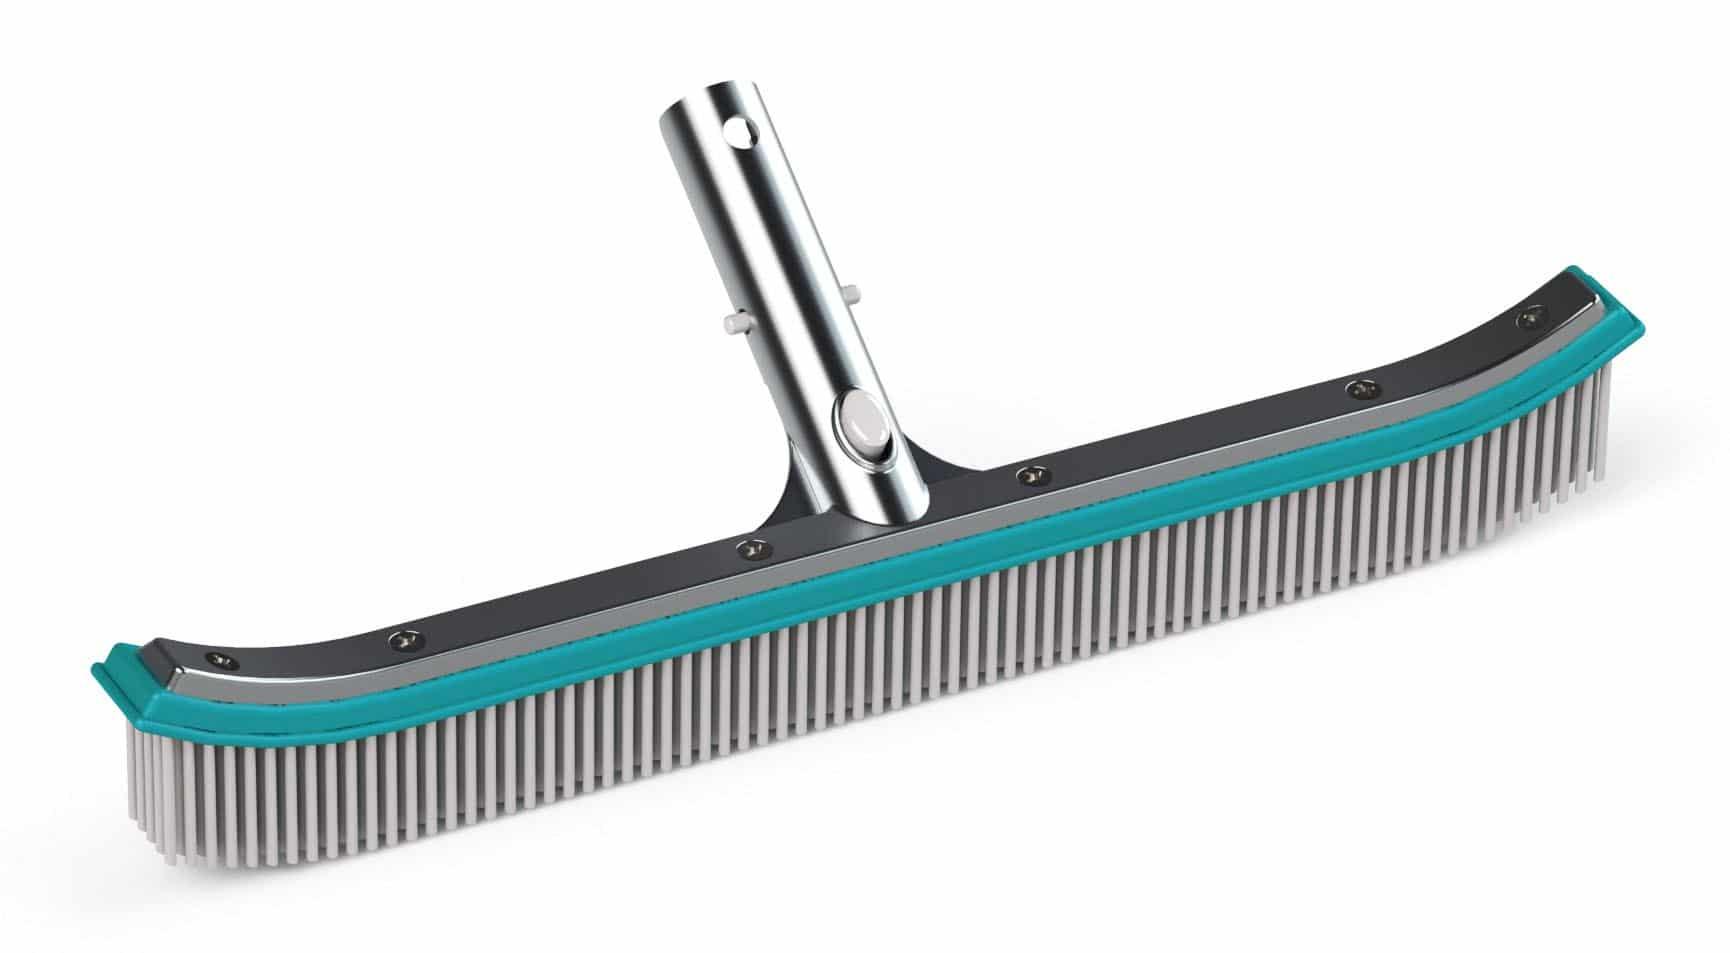 accessoires de nettoyage et d'entretien Bayrol